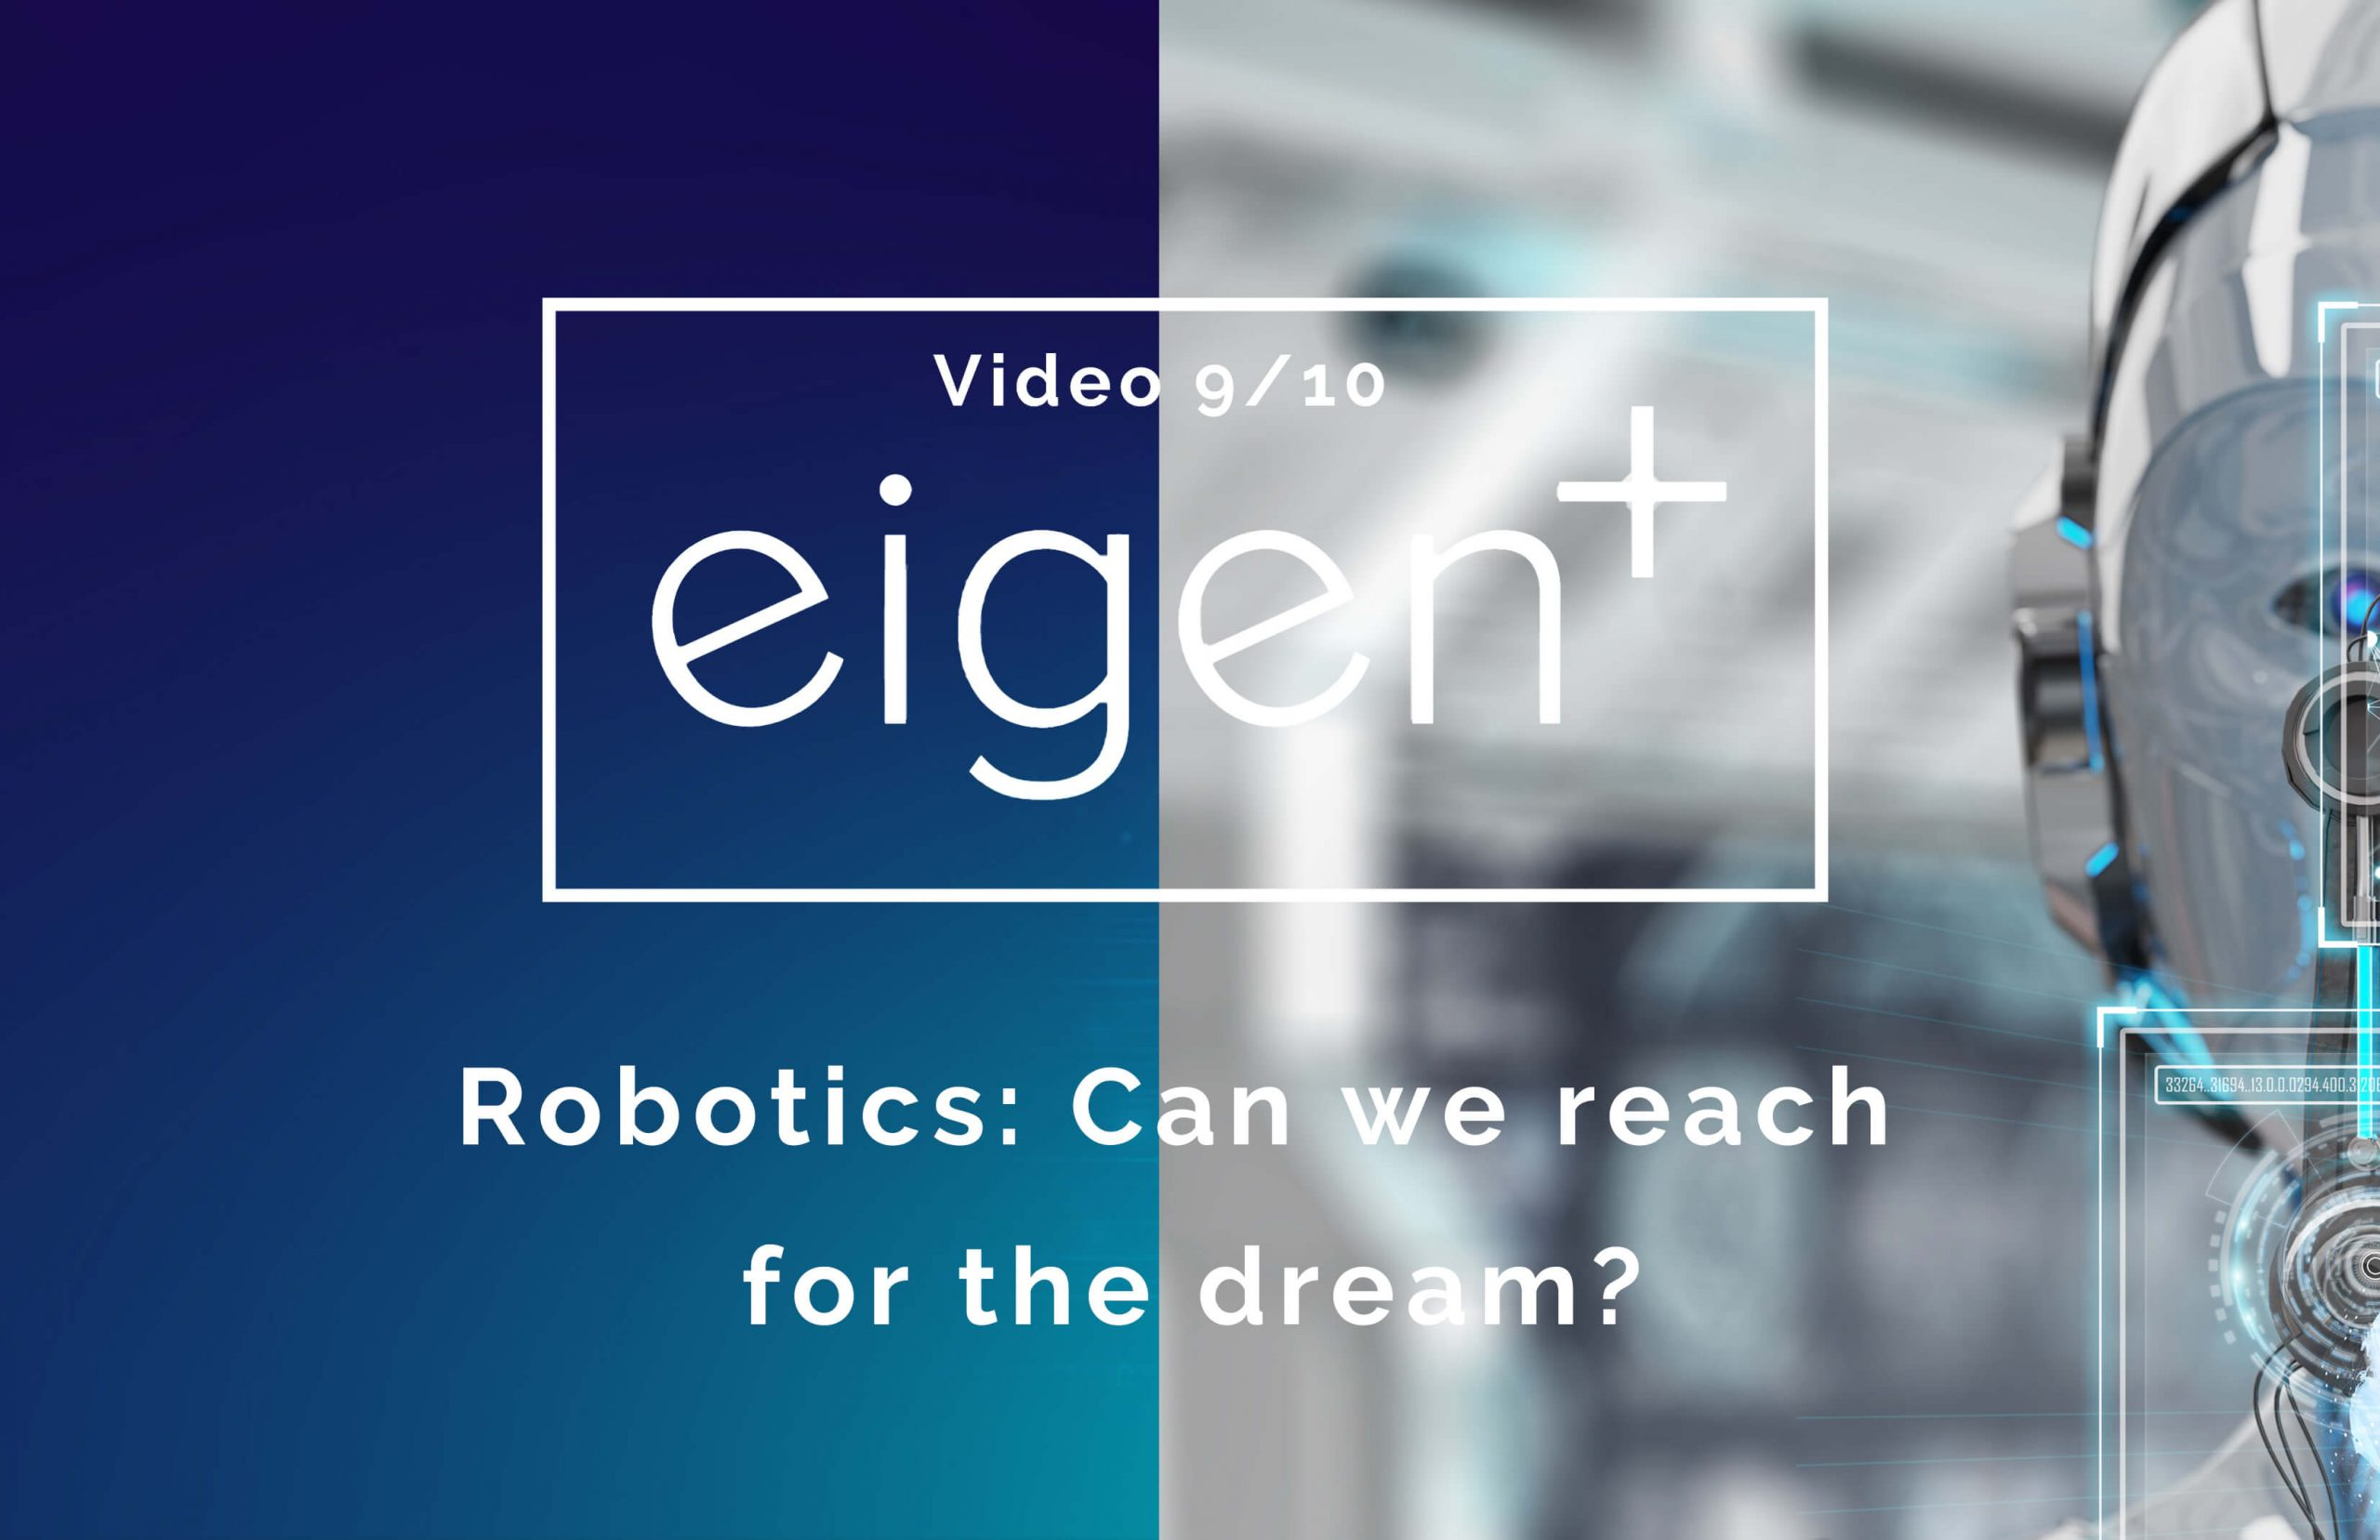 roboticsvideo9